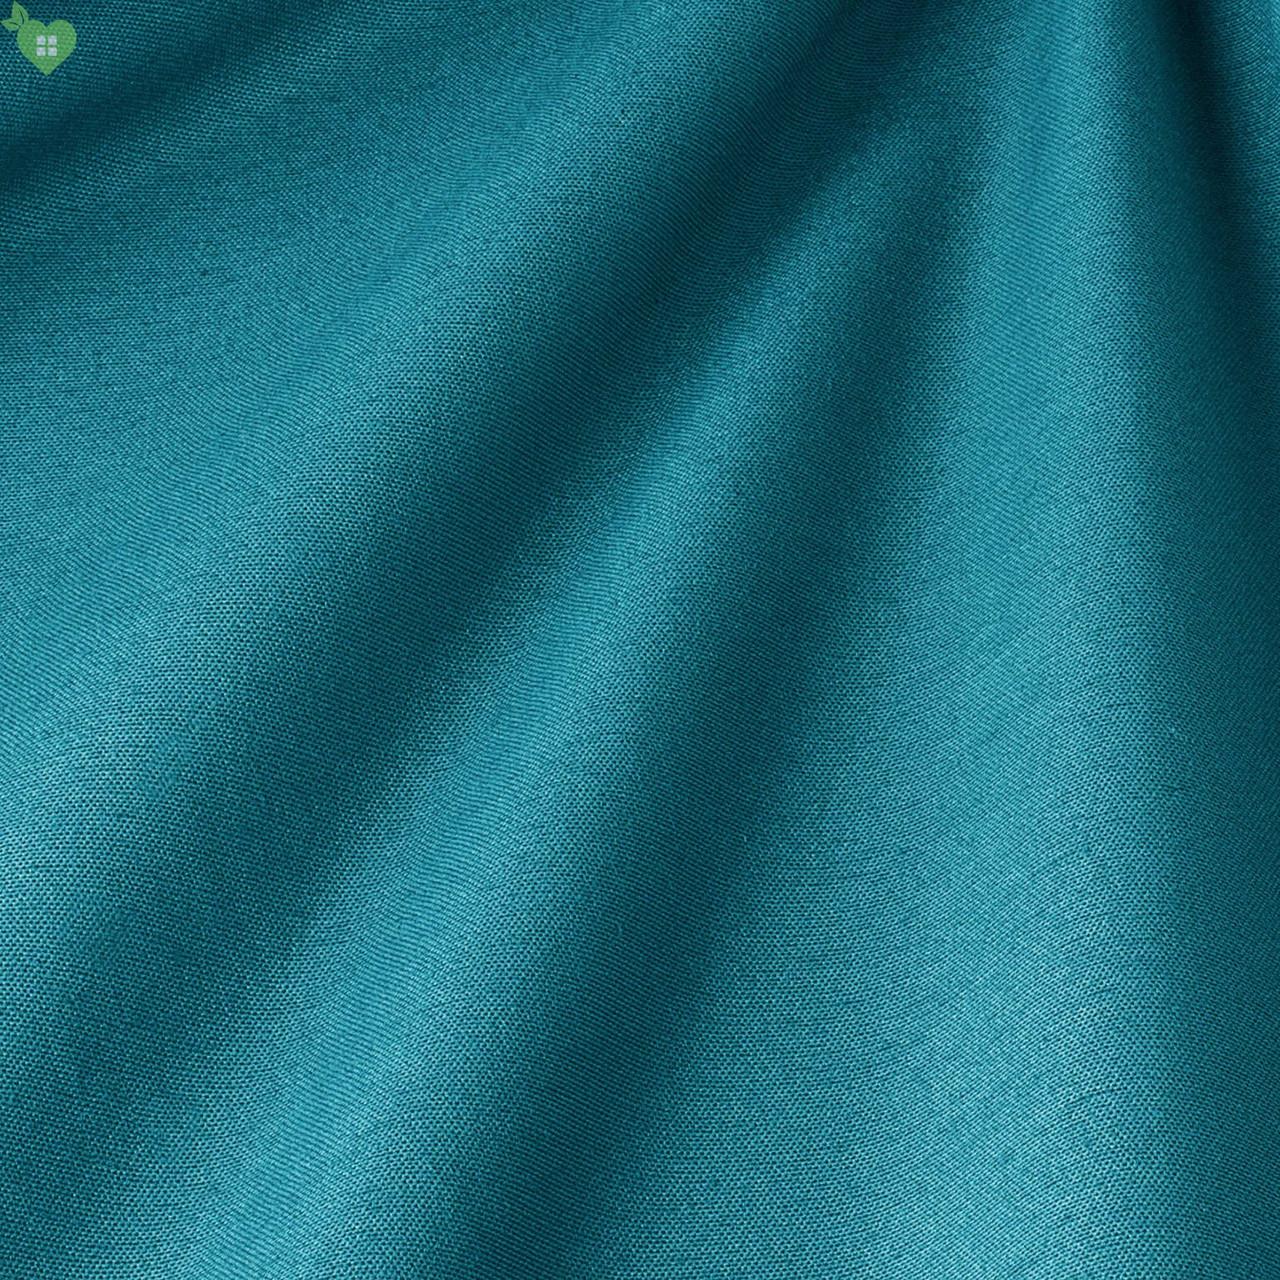 Однотонная декоративная ткань цвета морозного неба Испания 82713v56